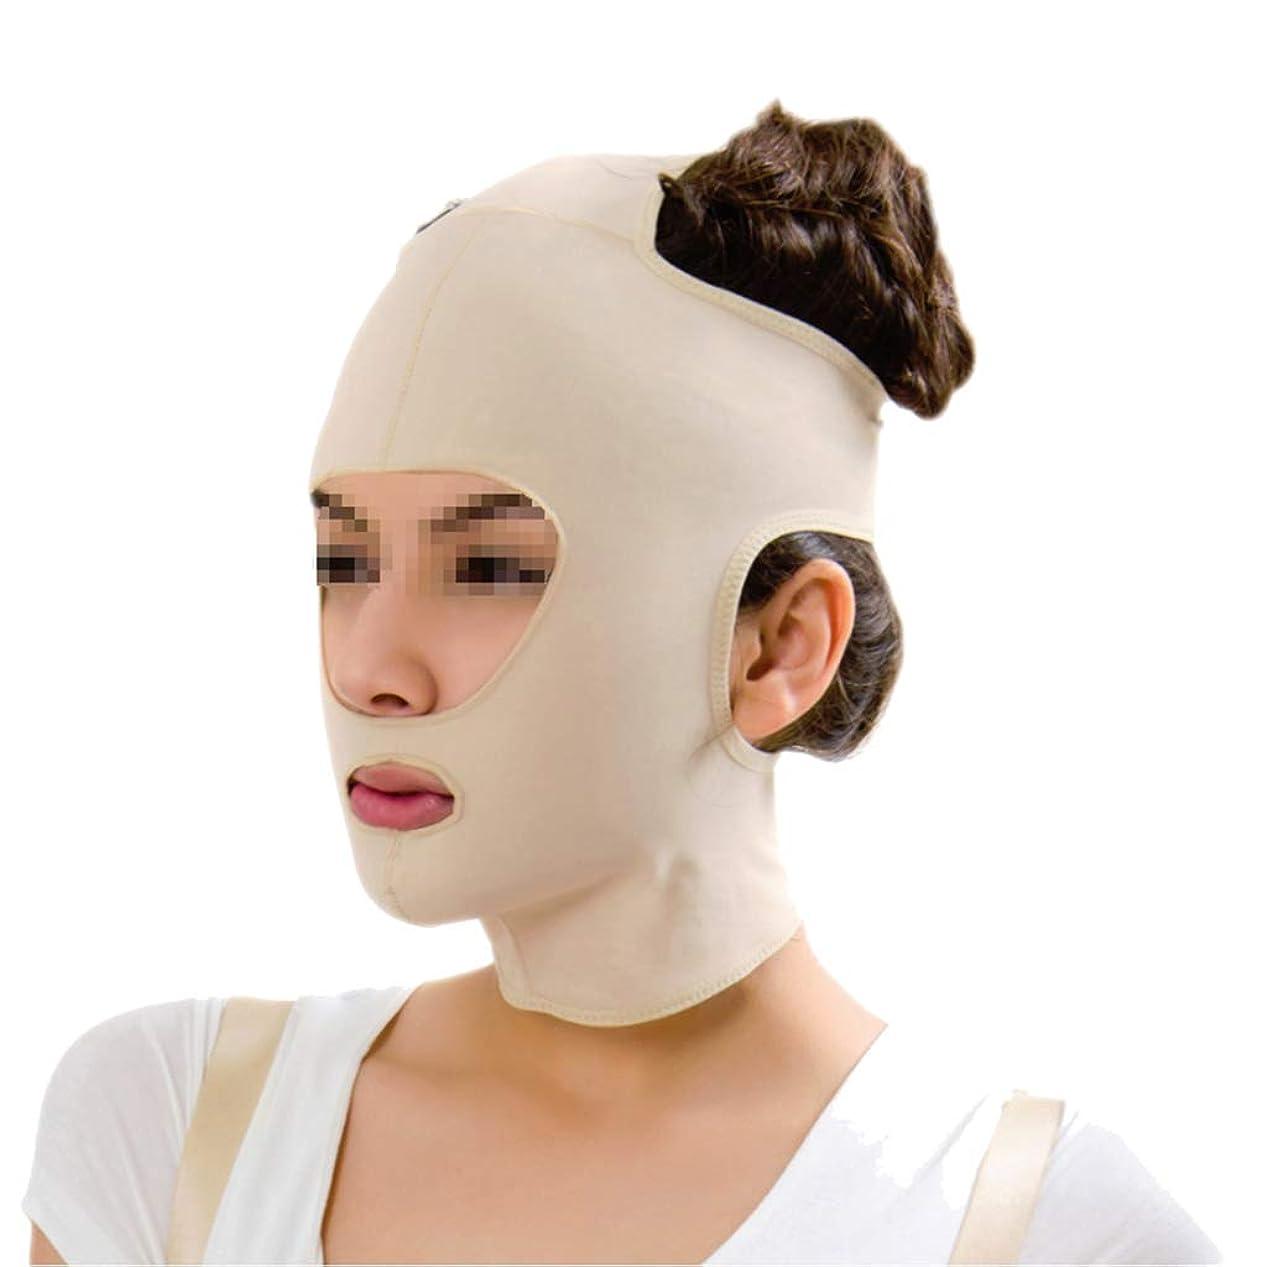 ラジカルマーキーアークXHLMRMJ フェイスリフトマスク、フルフェイスマスク医療グレード圧力フェイスダブルチンプラスチック脂肪吸引術弾性包帯ヘッドギア後の顔の脂肪吸引術 (Size : S)